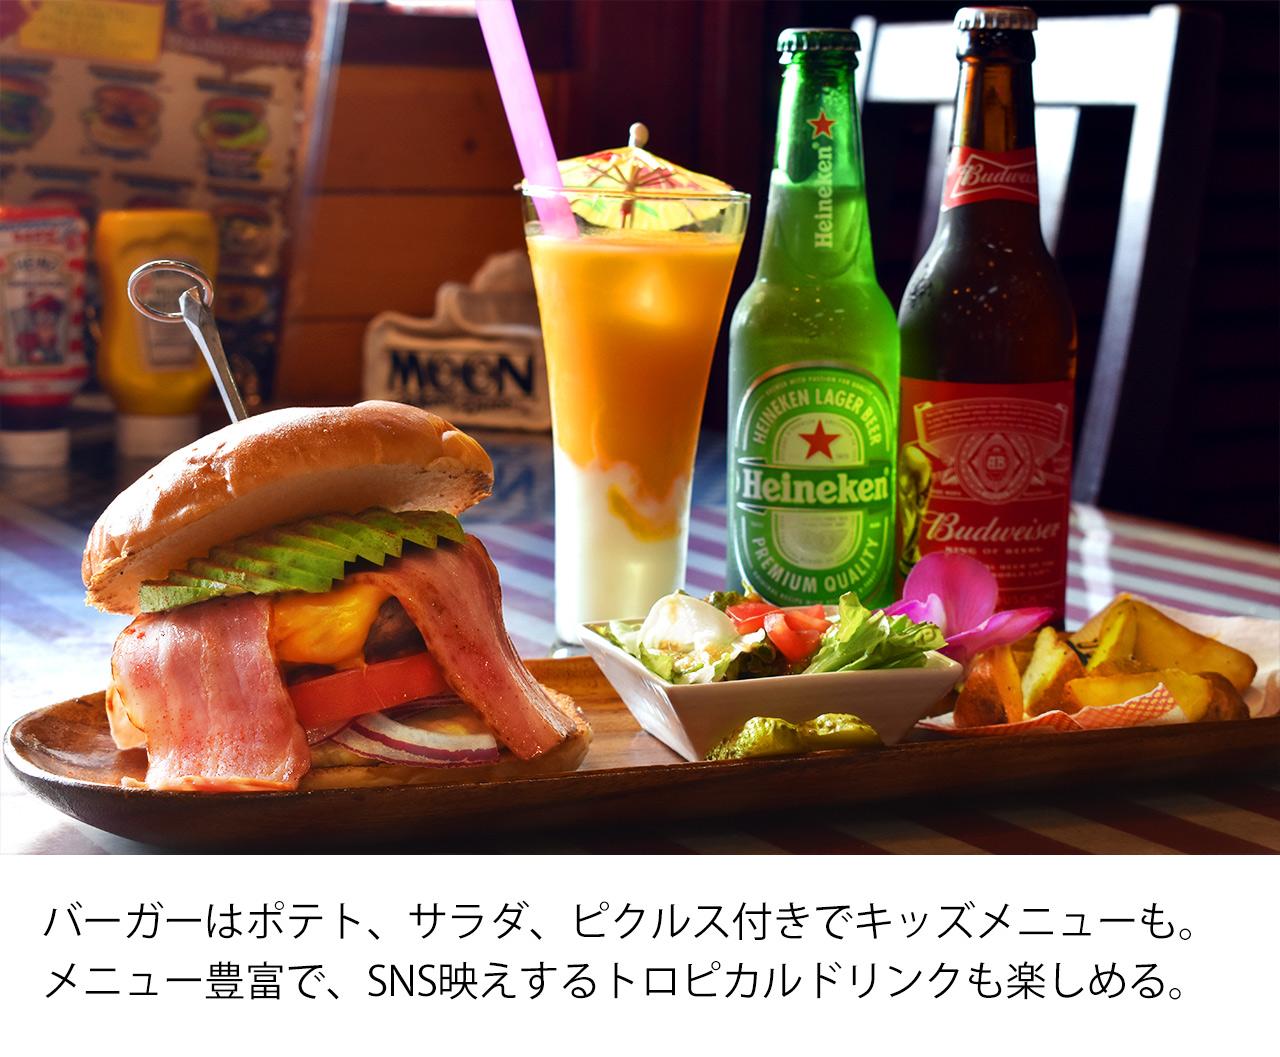 バーガーはポテト、サラダ、ピクルス付きでキッズメニューも。メニュー豊富で、SNS映えするトロピカルドリンクも楽しめる。